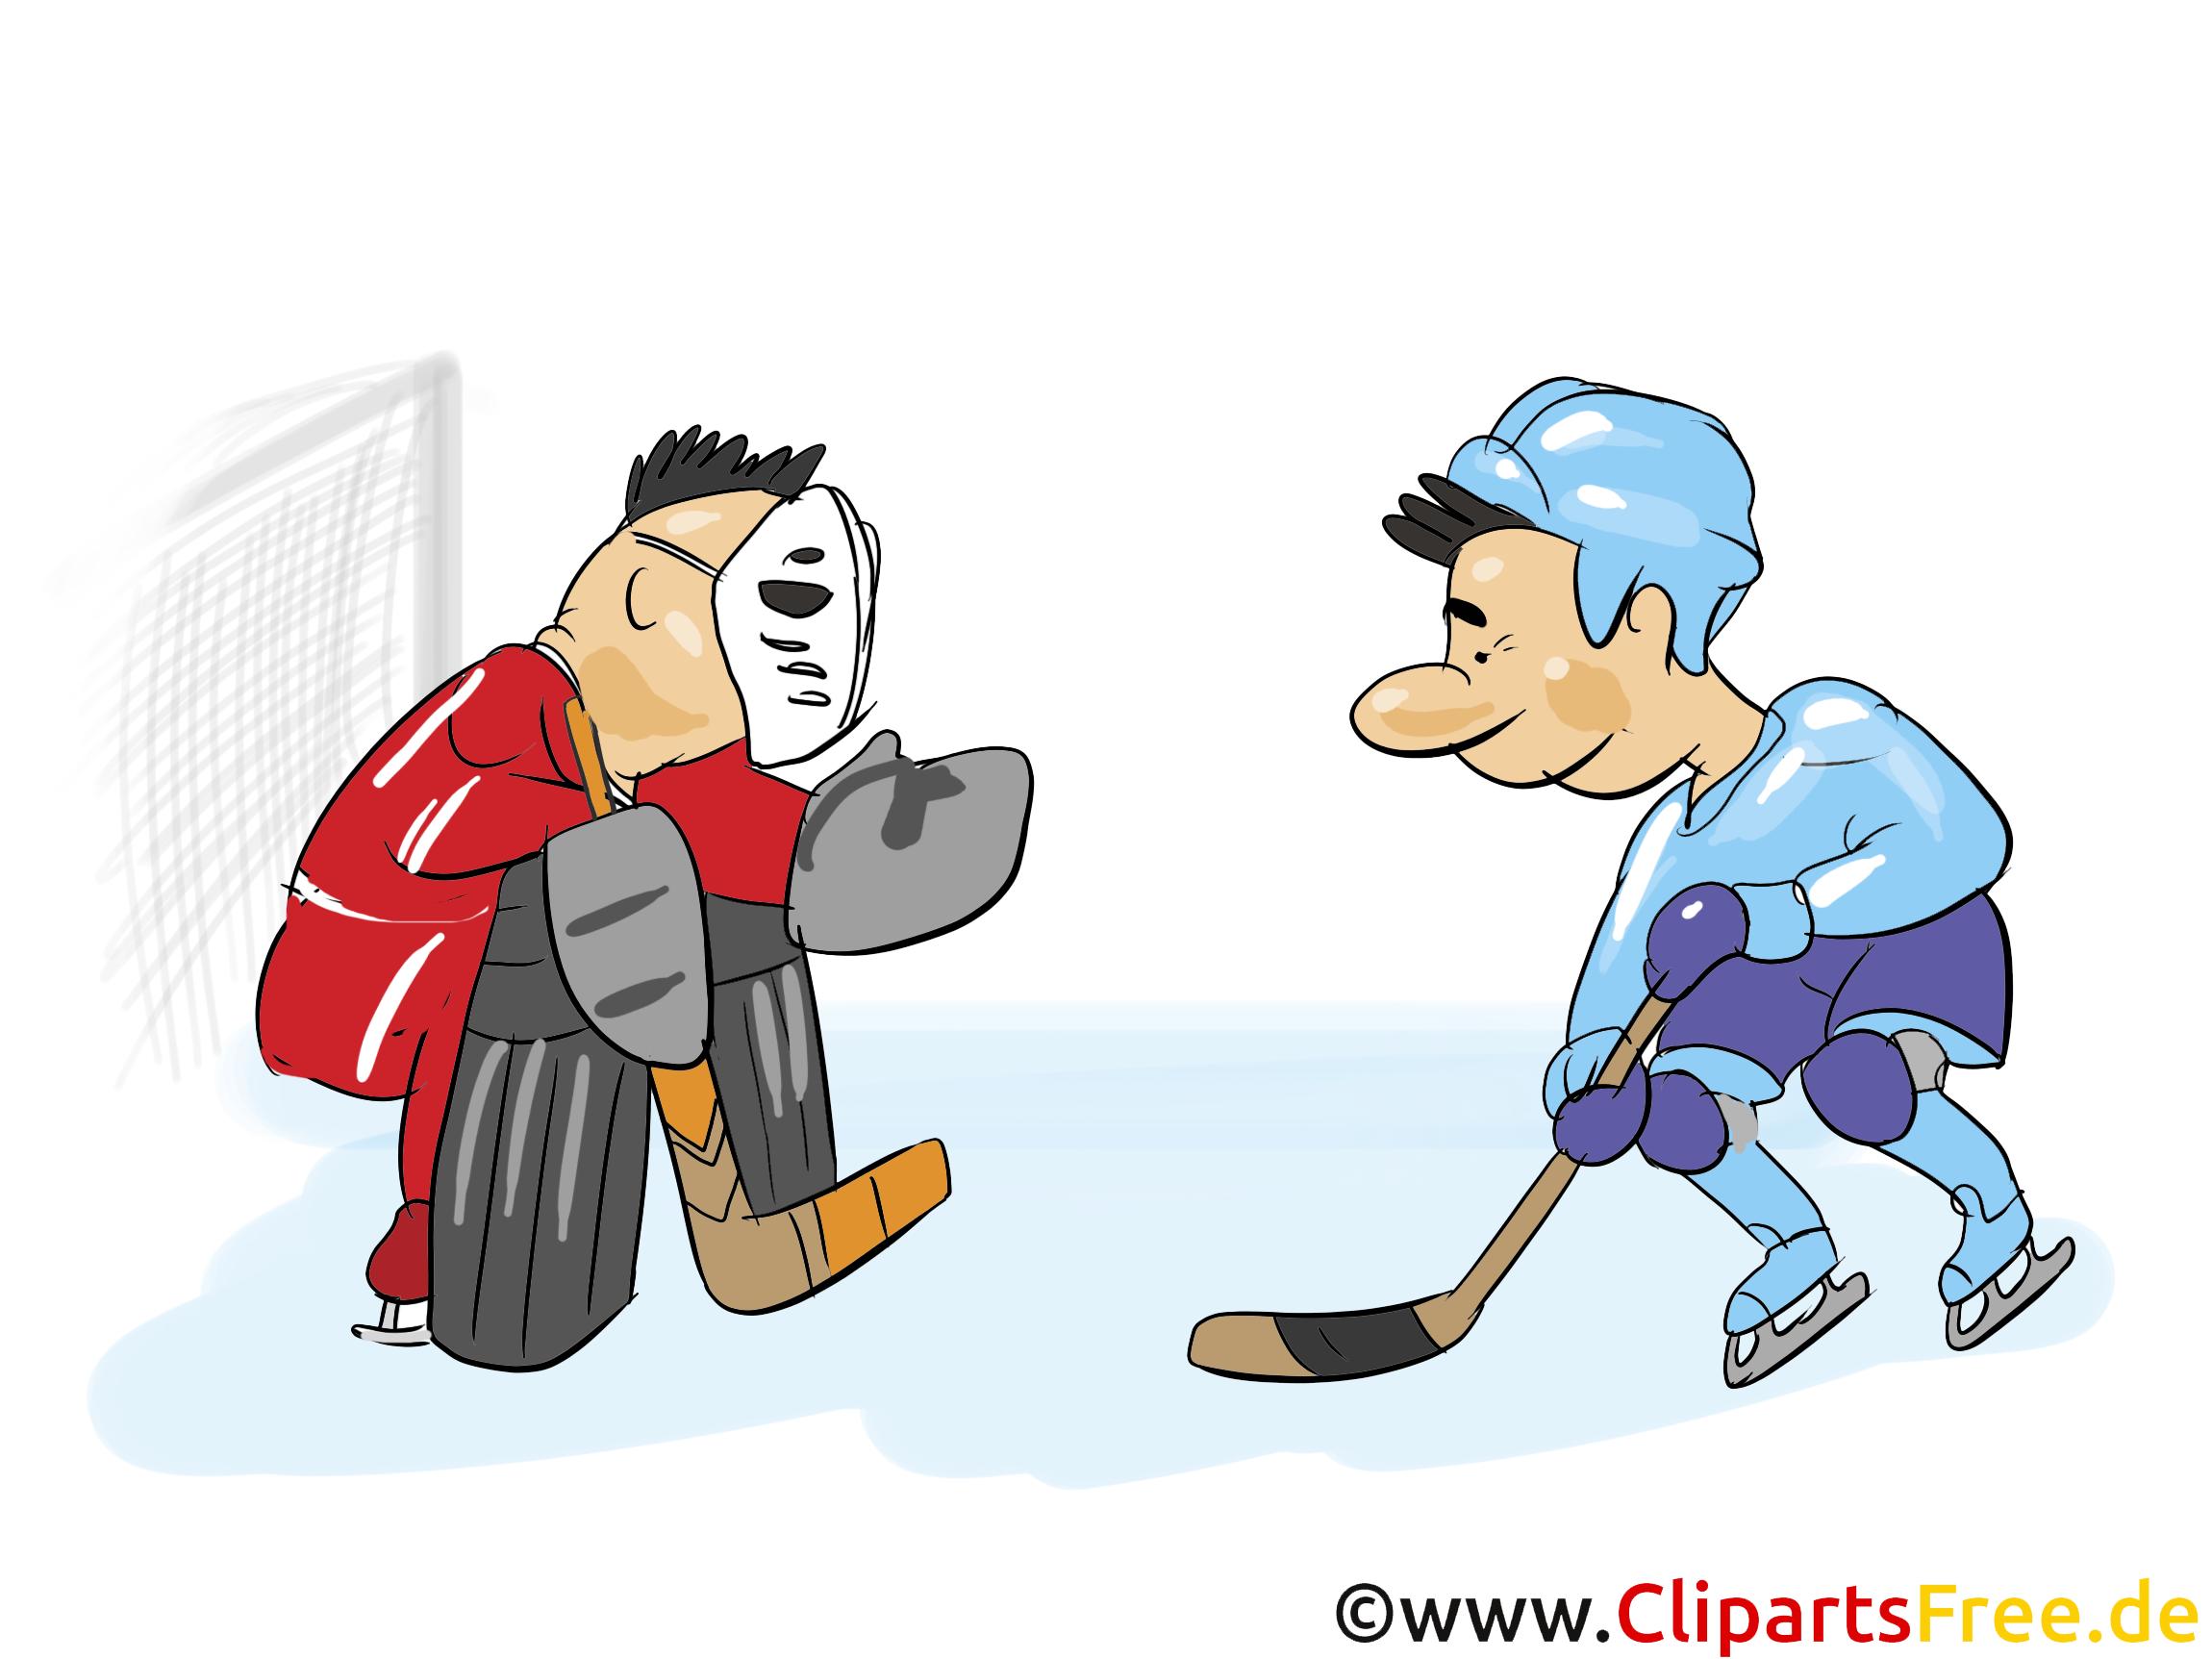 Siebenmeter Eishockey Clipart, Bild, Grfaik, Cartoon